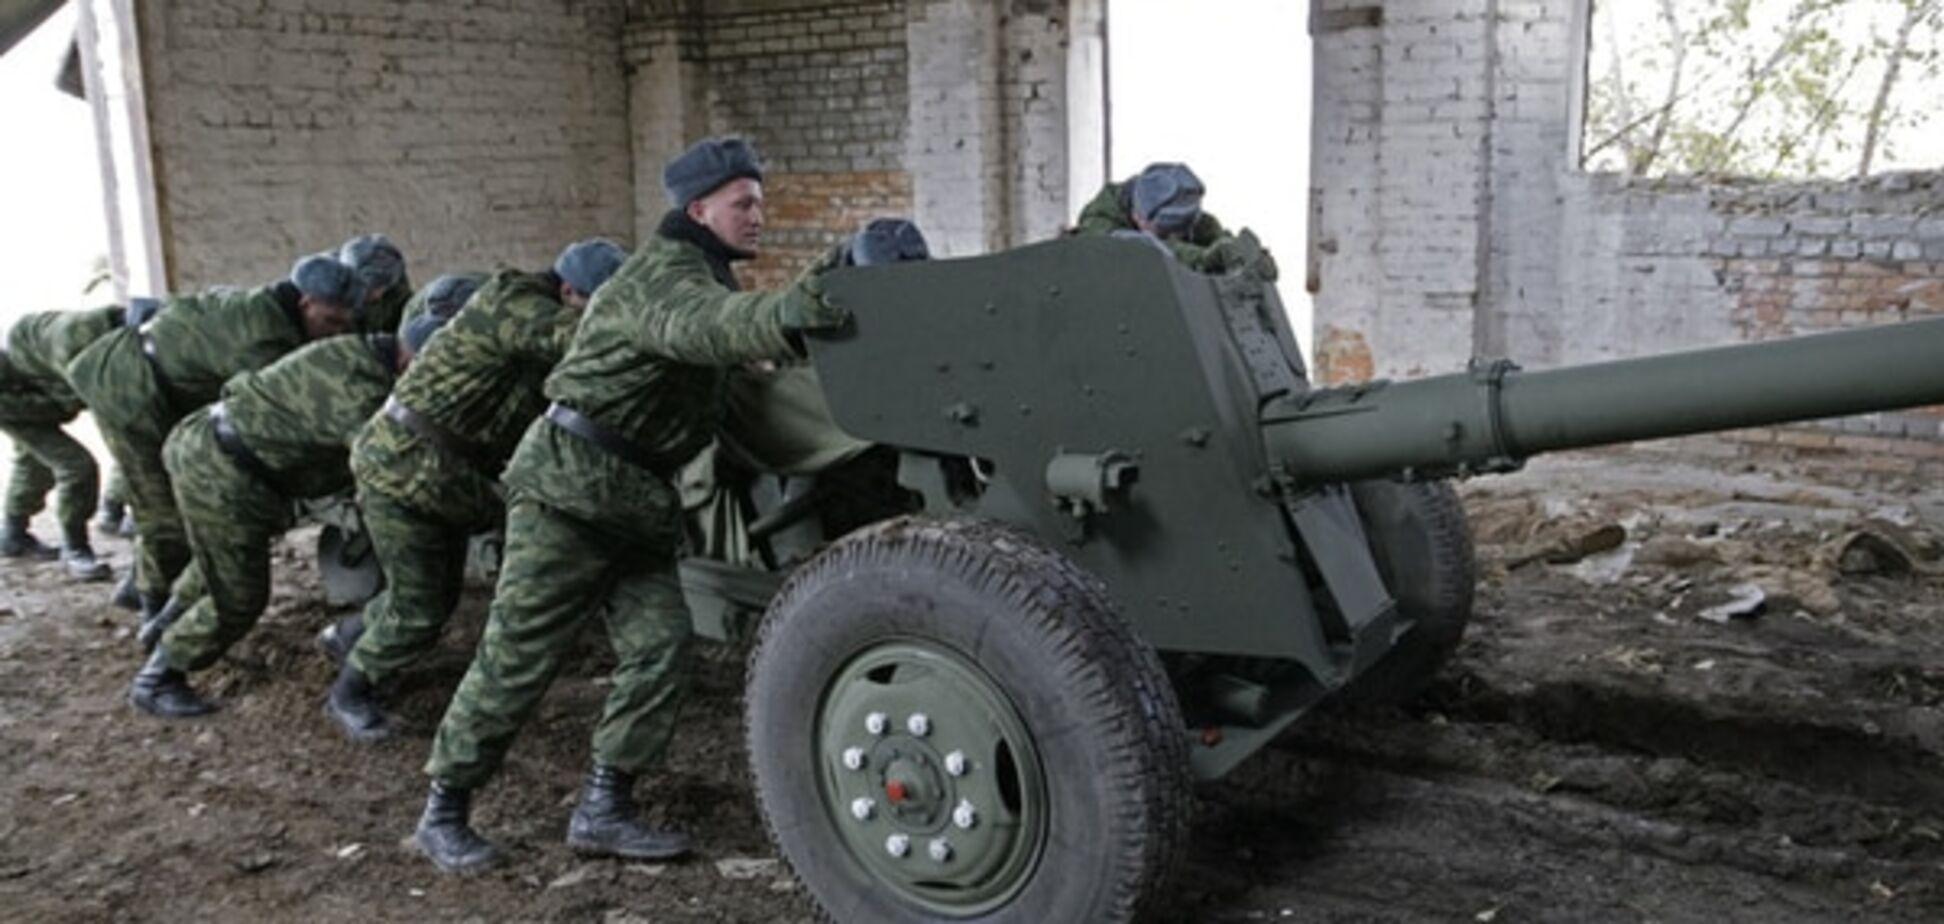 Фельгенгауер: Росія хоче відсунути фронт від Донецька і Сіверського Дінця